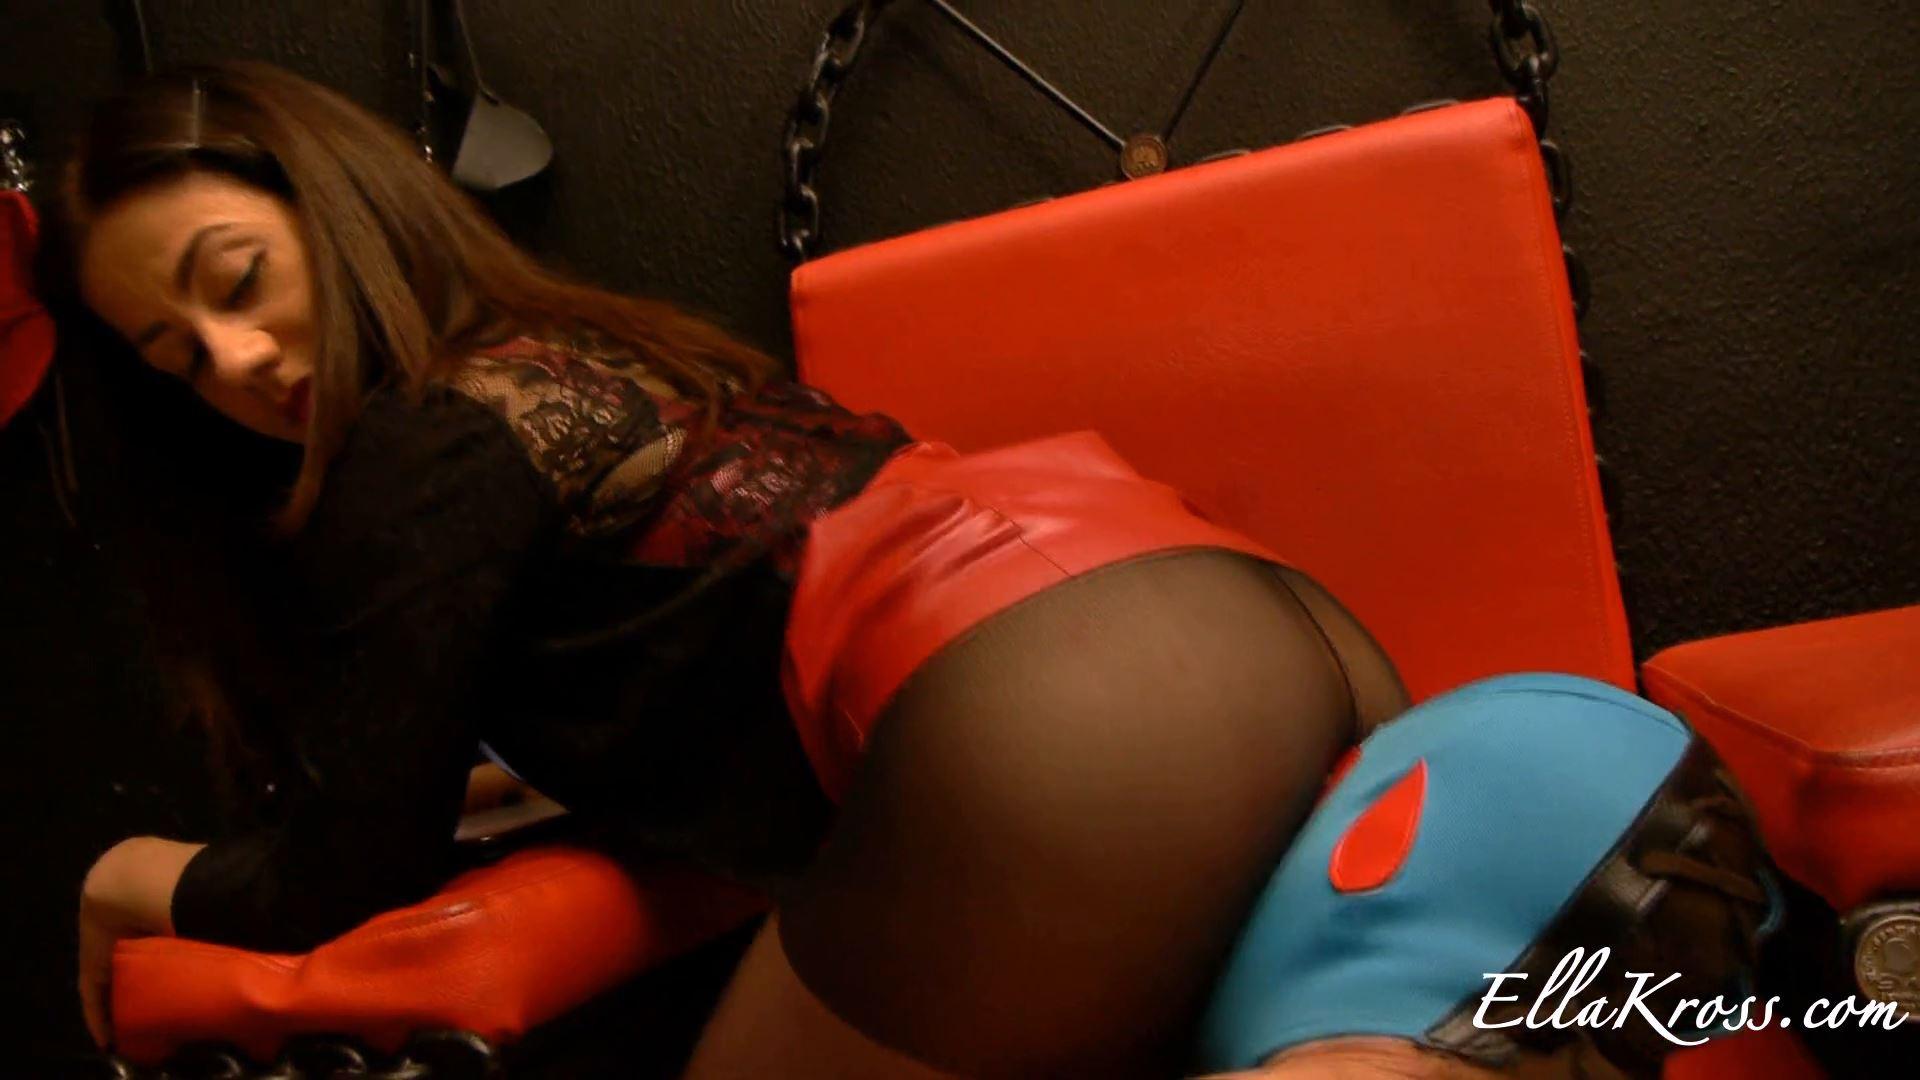 Mistress Ella Kross In Scene: Making a Slave Smell My Sweaty Pussy and Ass - ELLAKROSS - FULL HD/1080p/MP4